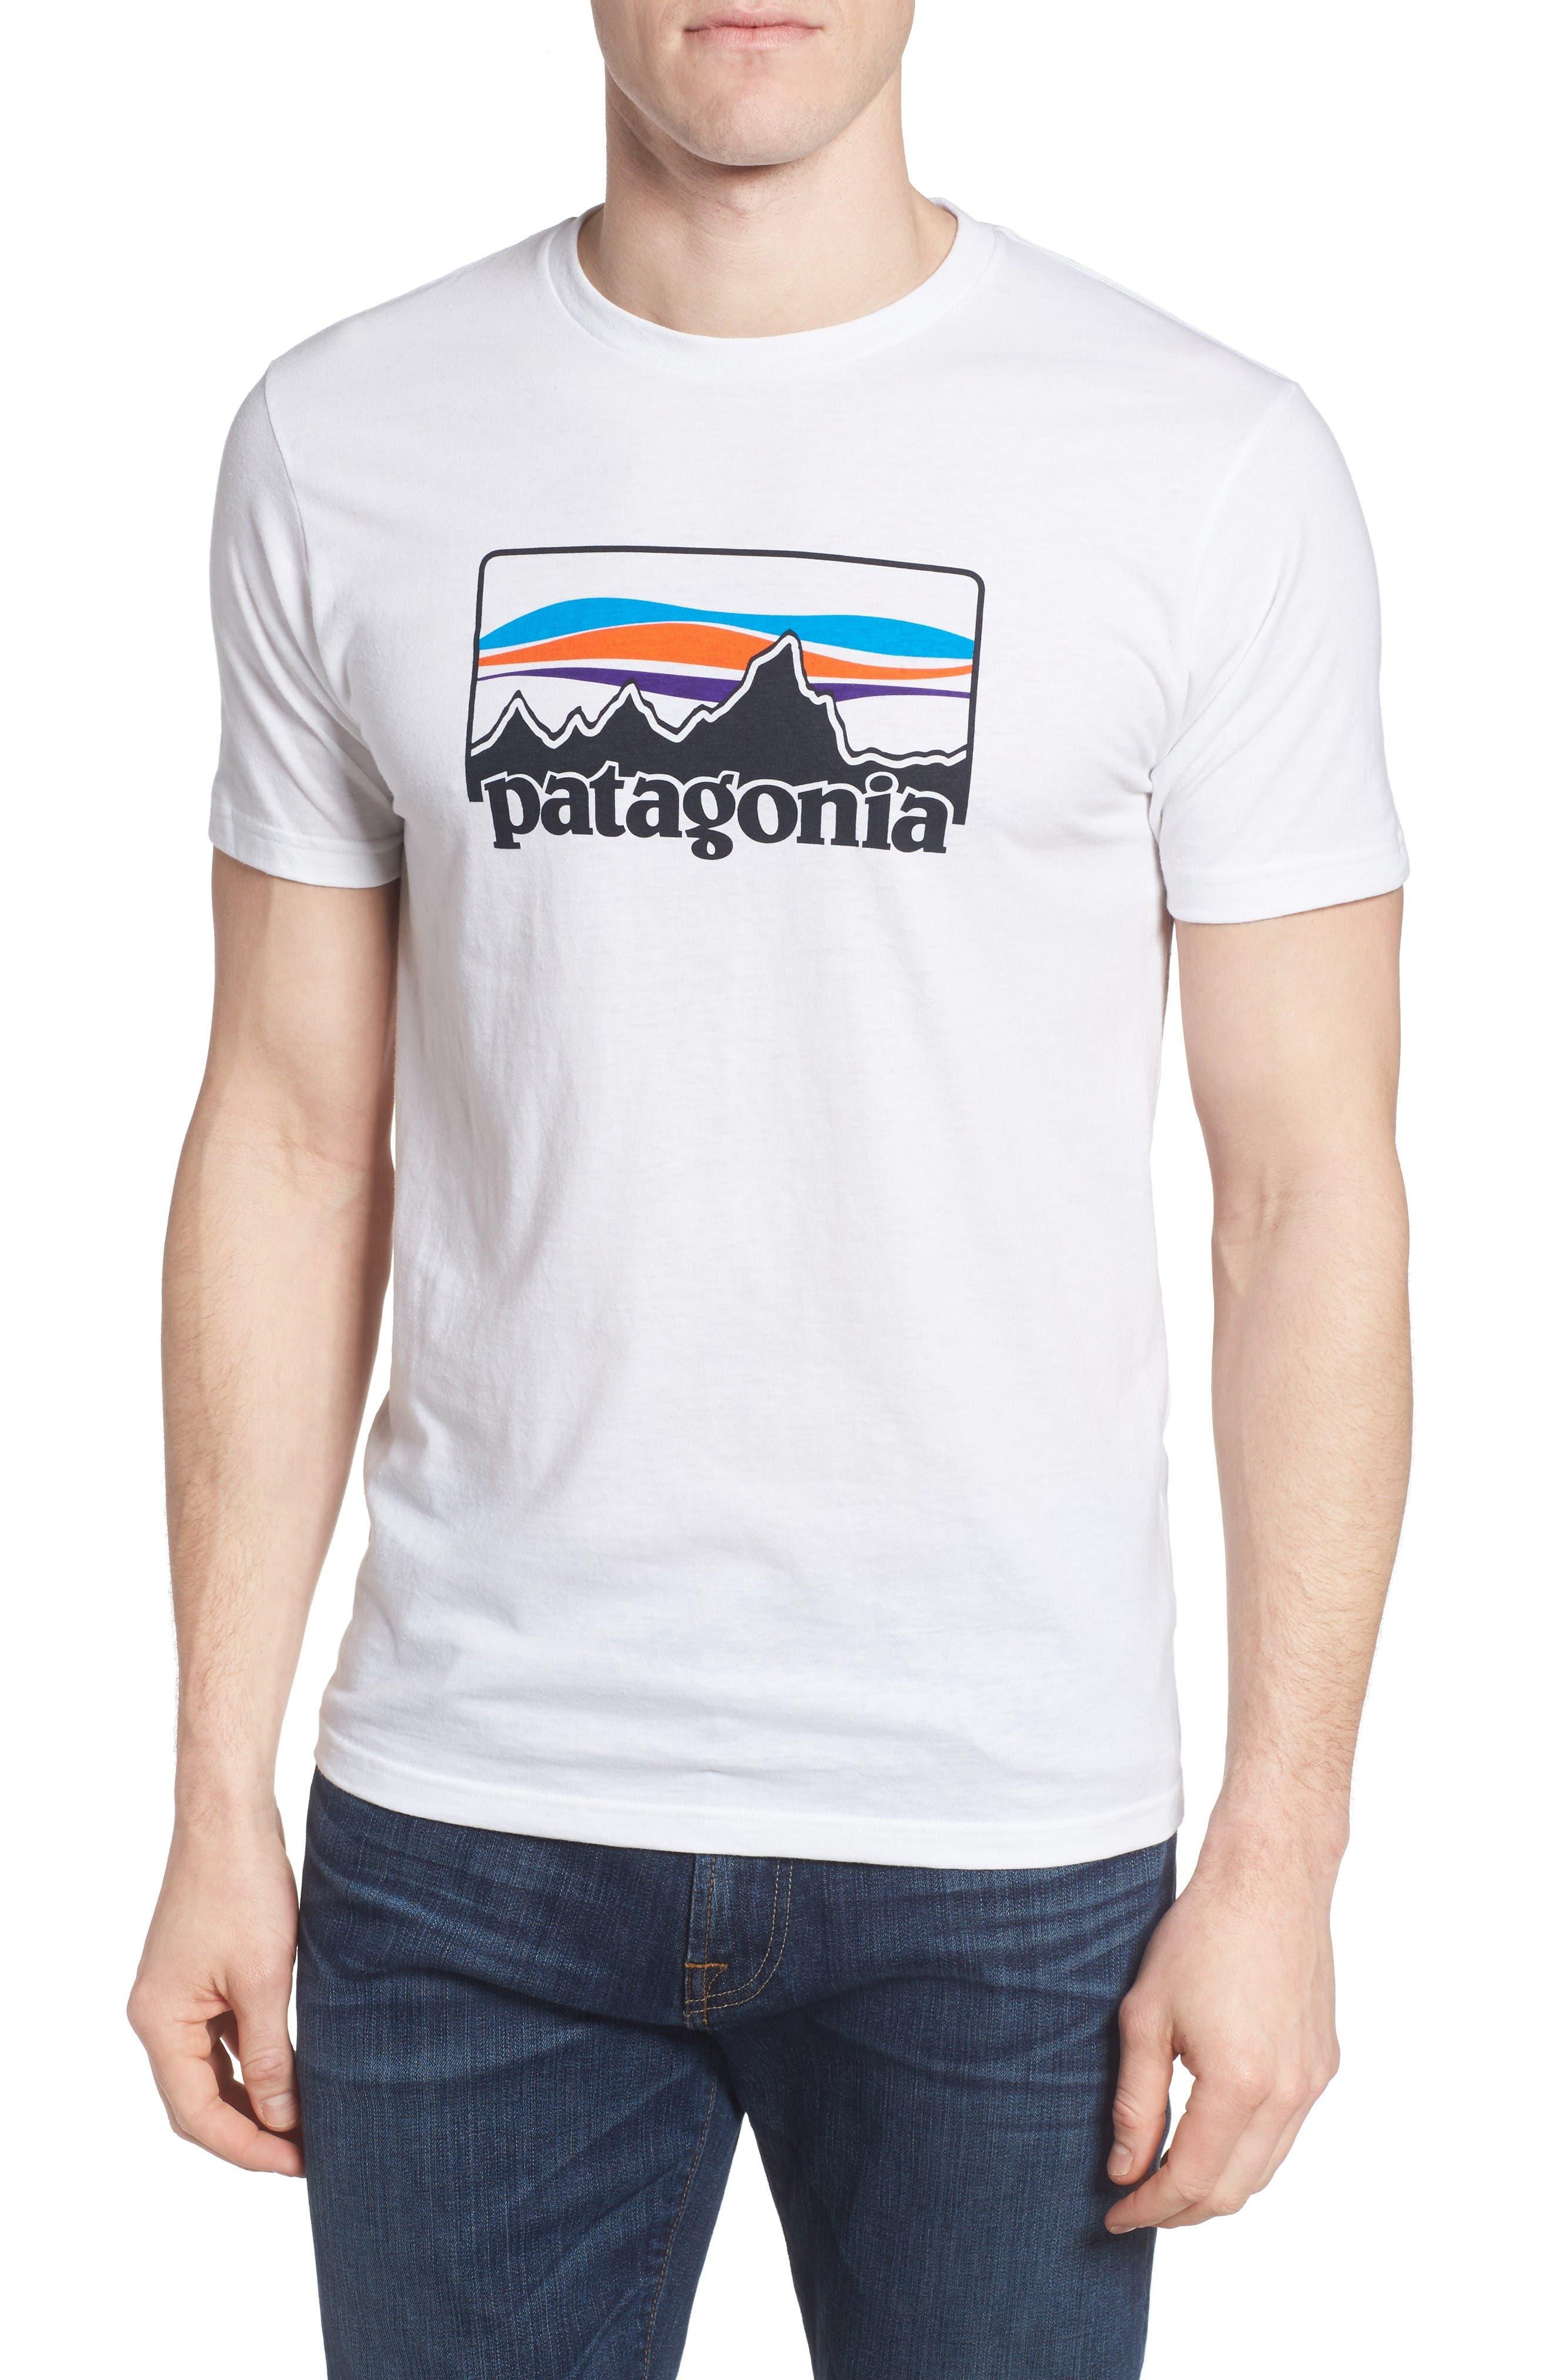 Patagonia '73 Logo Regular Fit T-Shirt